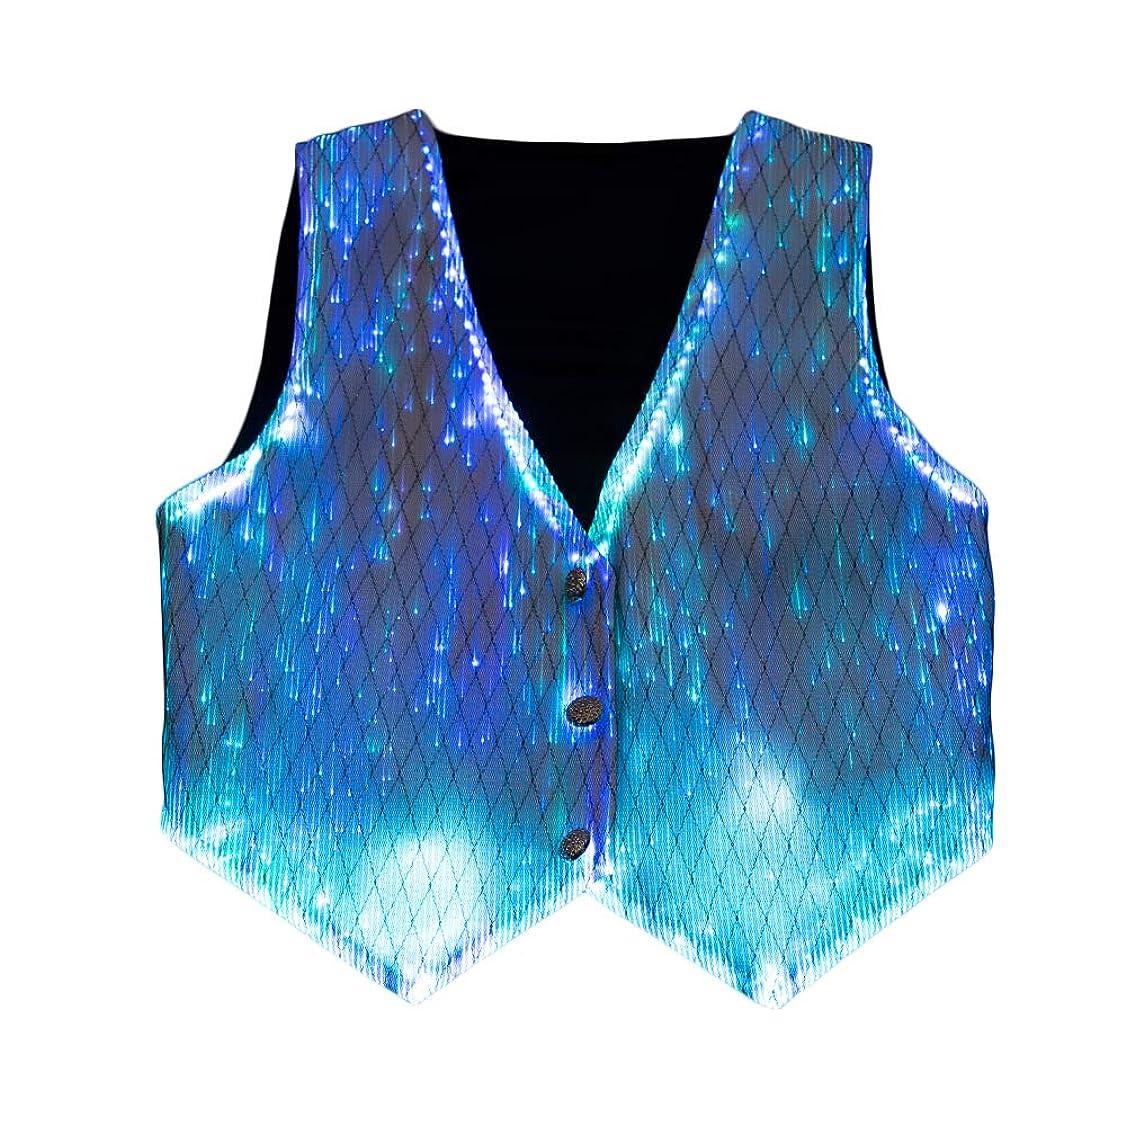 隣人自動化ストレージFiber Optic Fabric Clothing OUTERWEAR ボーイズ